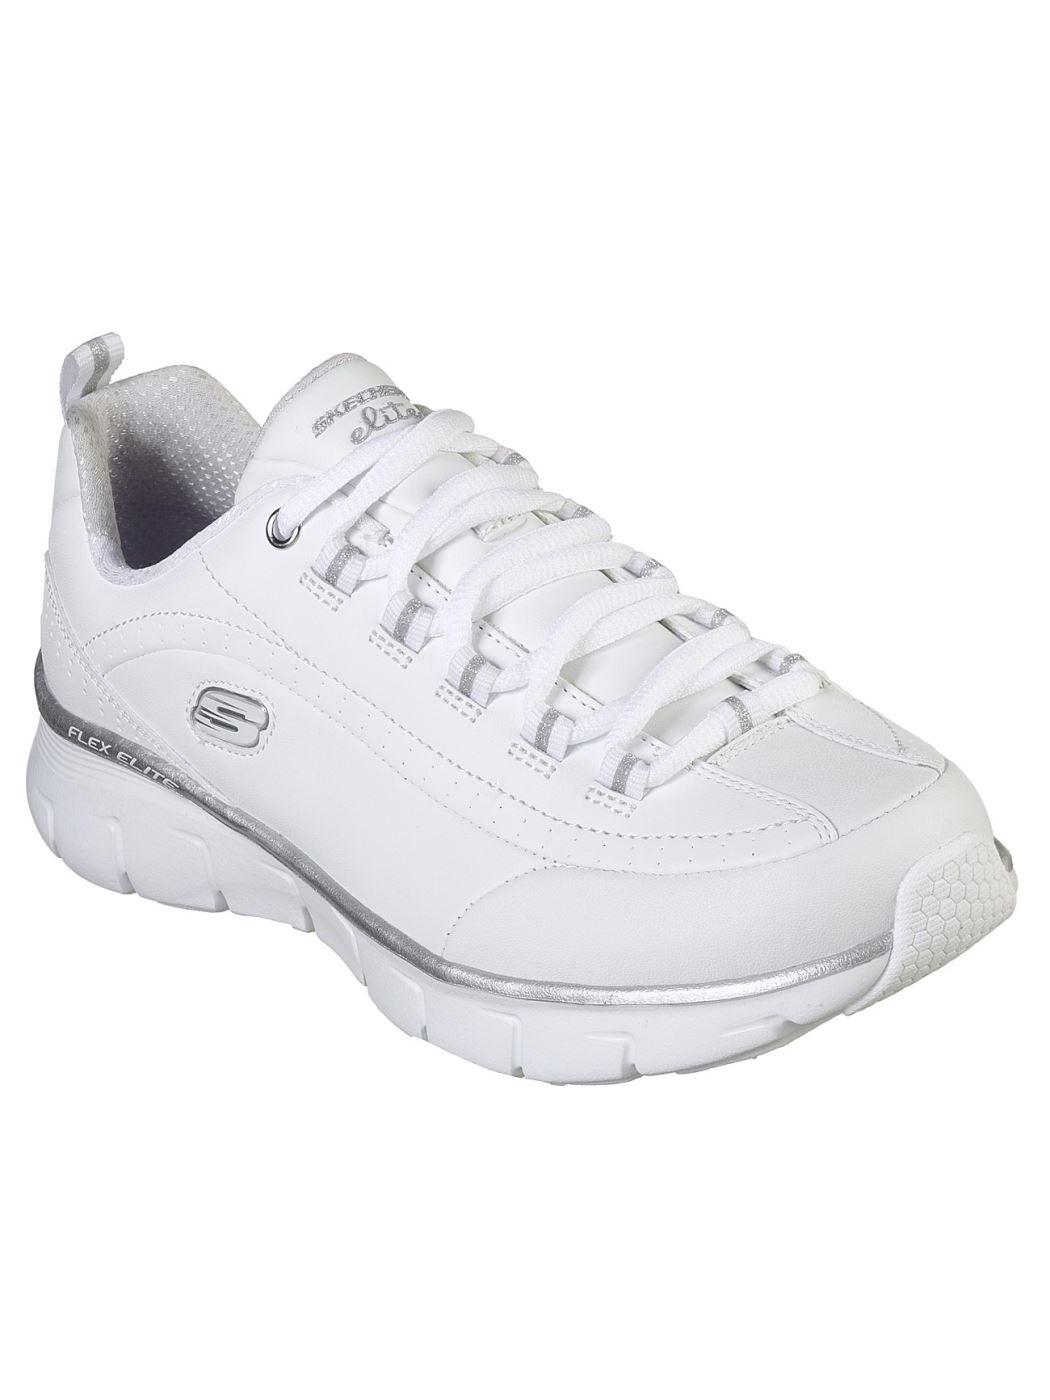 Sneaker DO synergy 3.0 SKECHERS